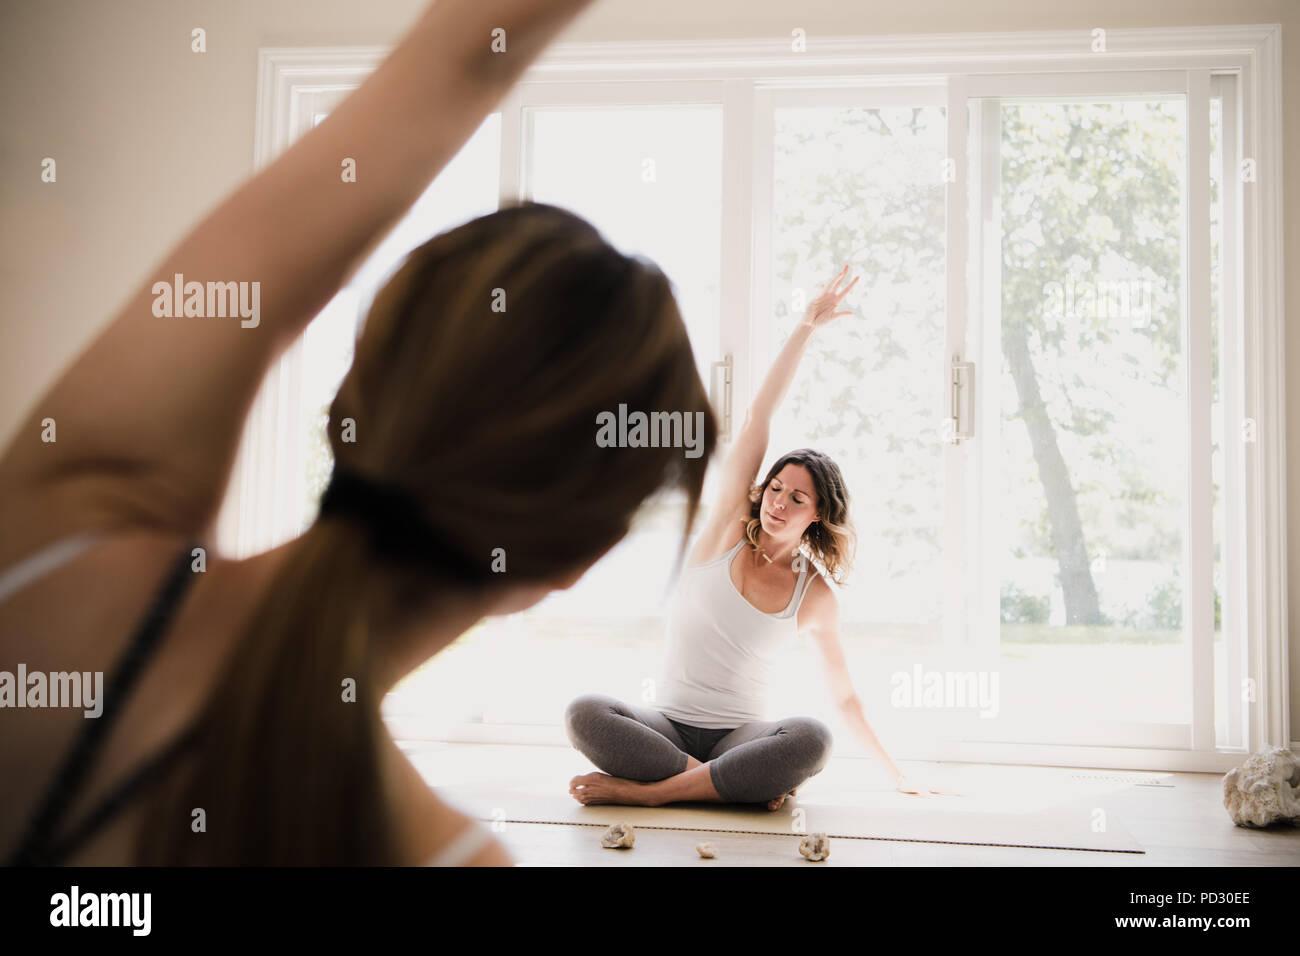 Yoga instructor with yogi at retreat - Stock Image